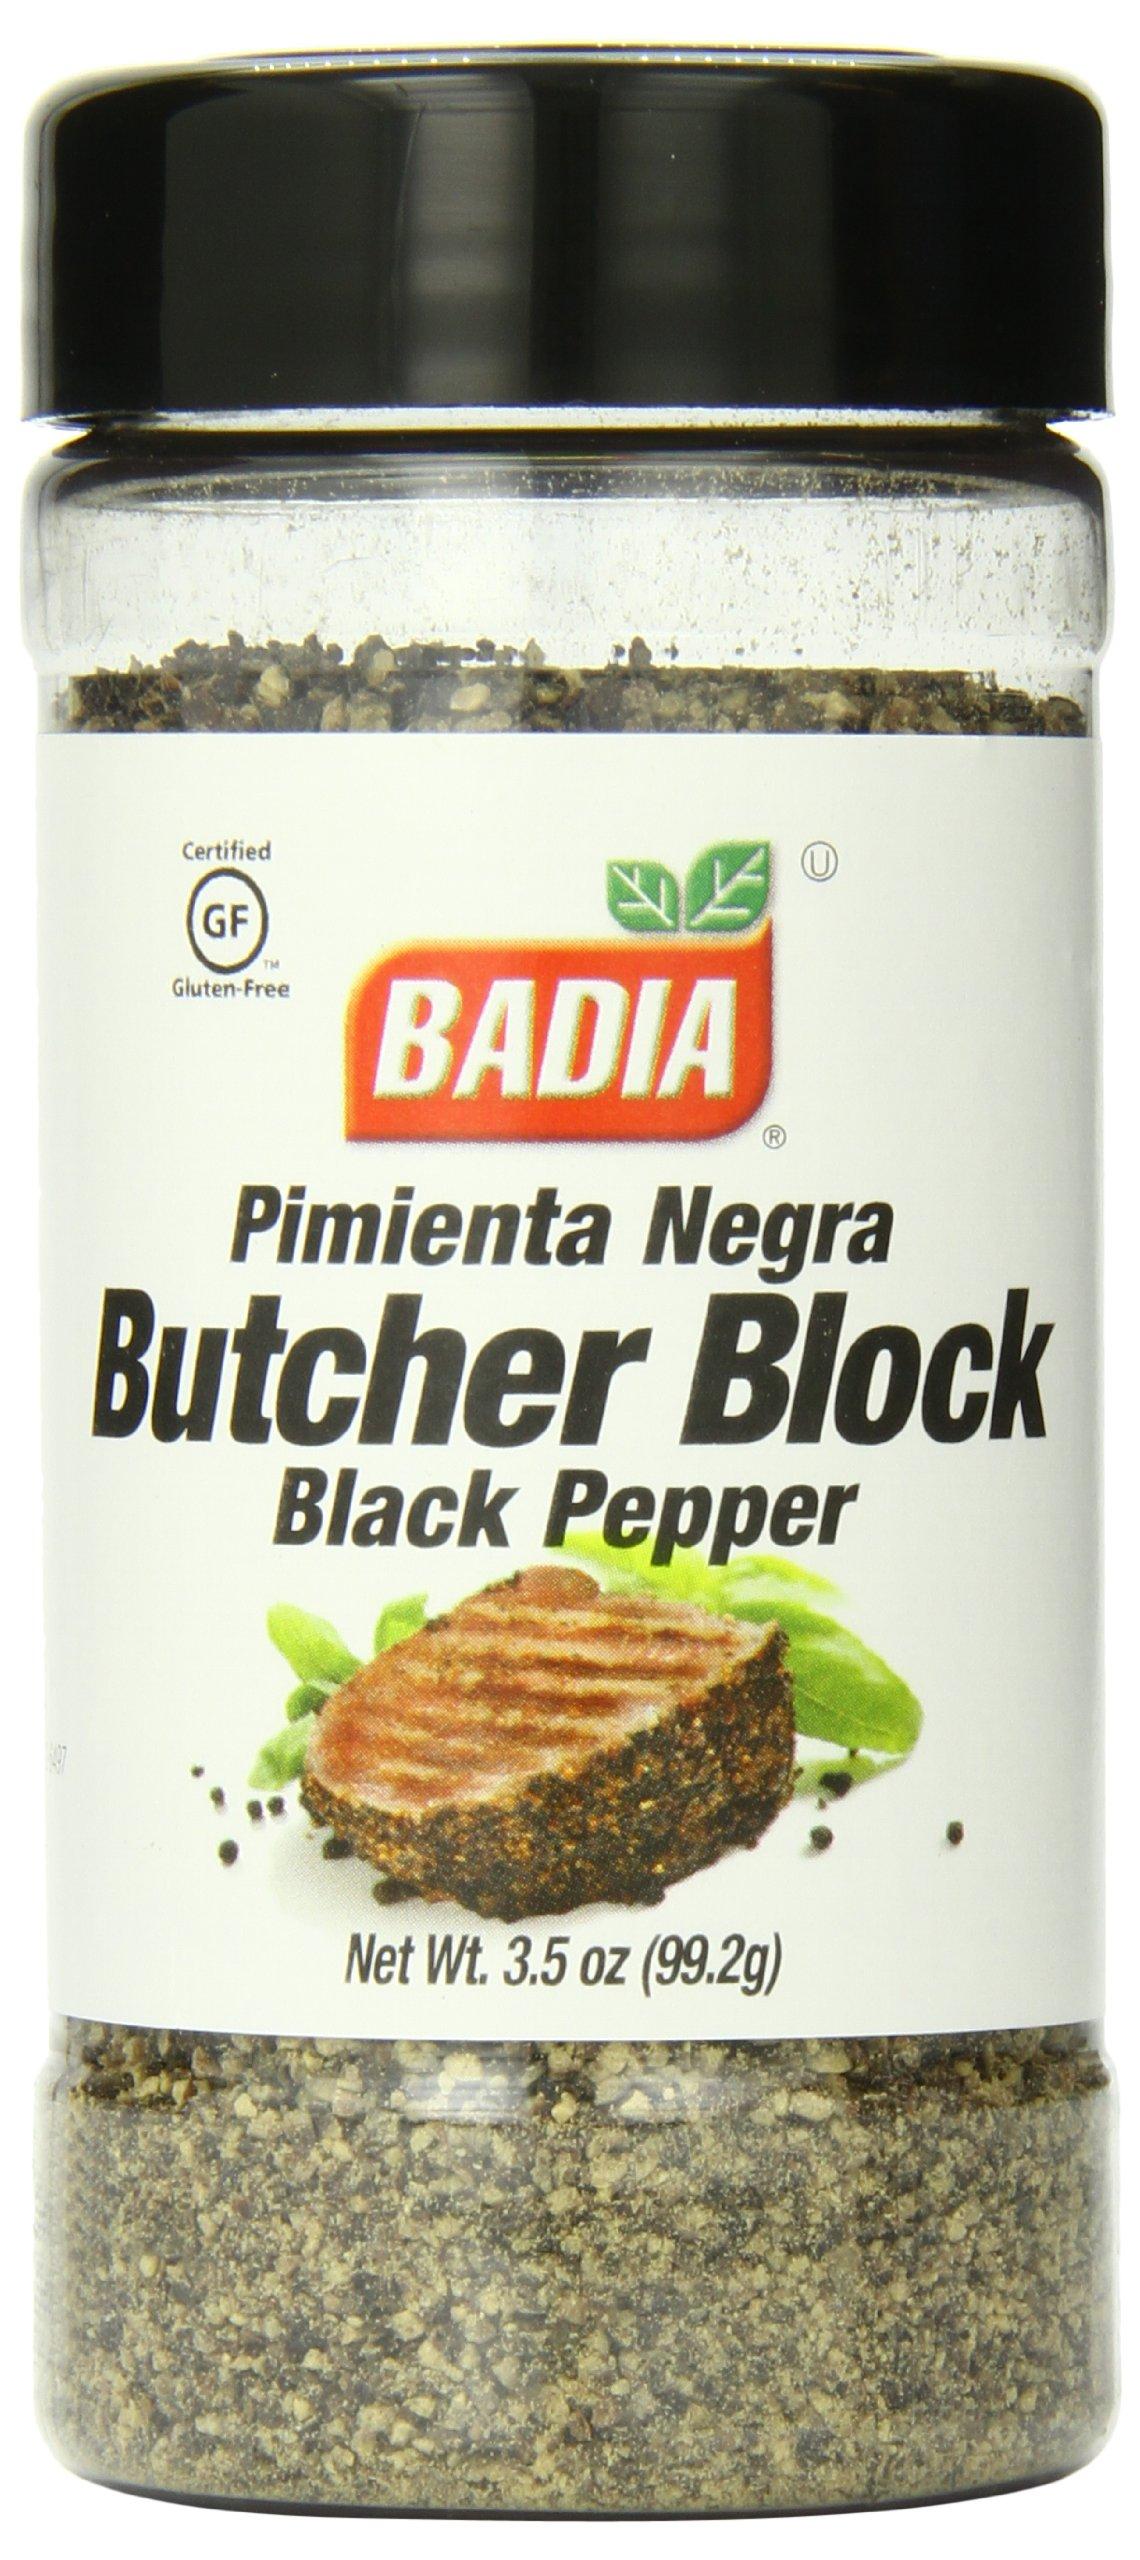 Badia Black Pepper Butcher Block, 3.5 Ounce (Pack of 12)